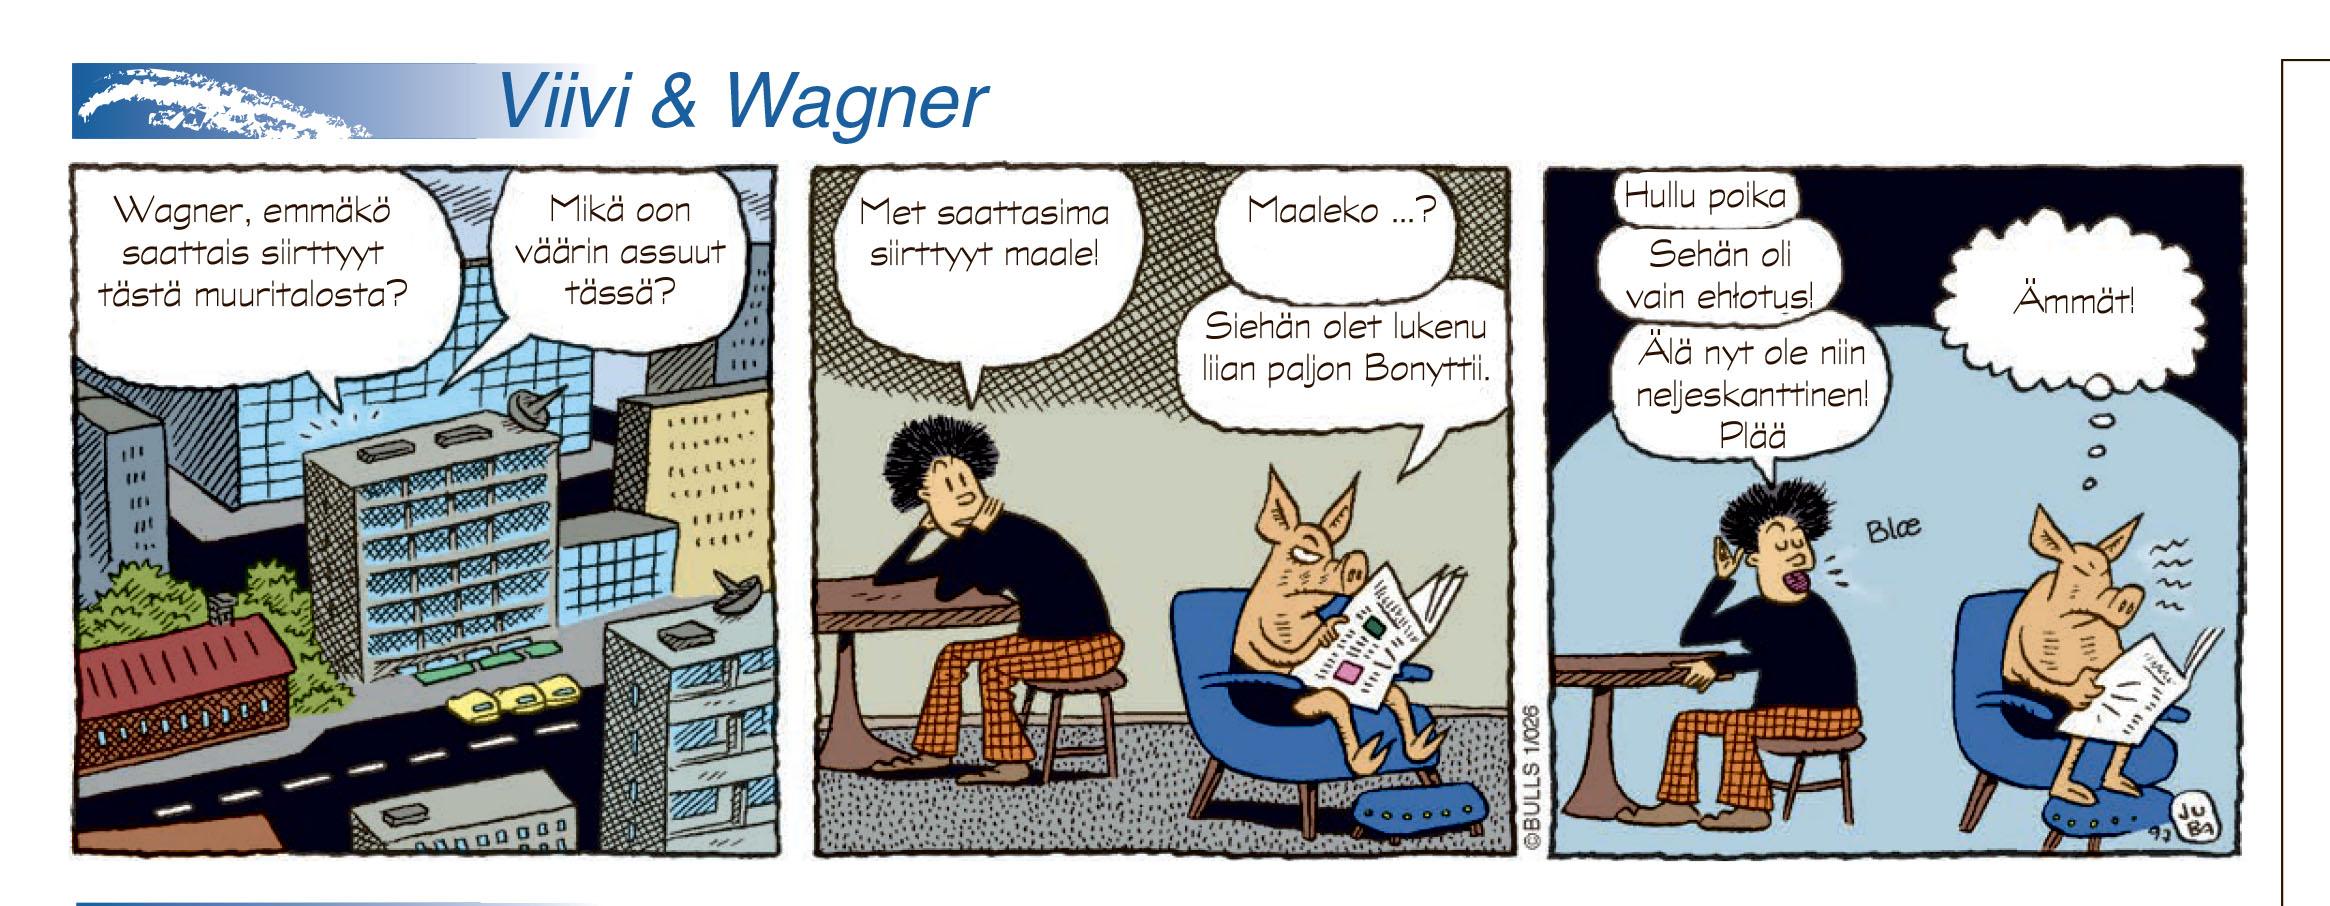 Viivi & Wagner (nr 4 -2014)